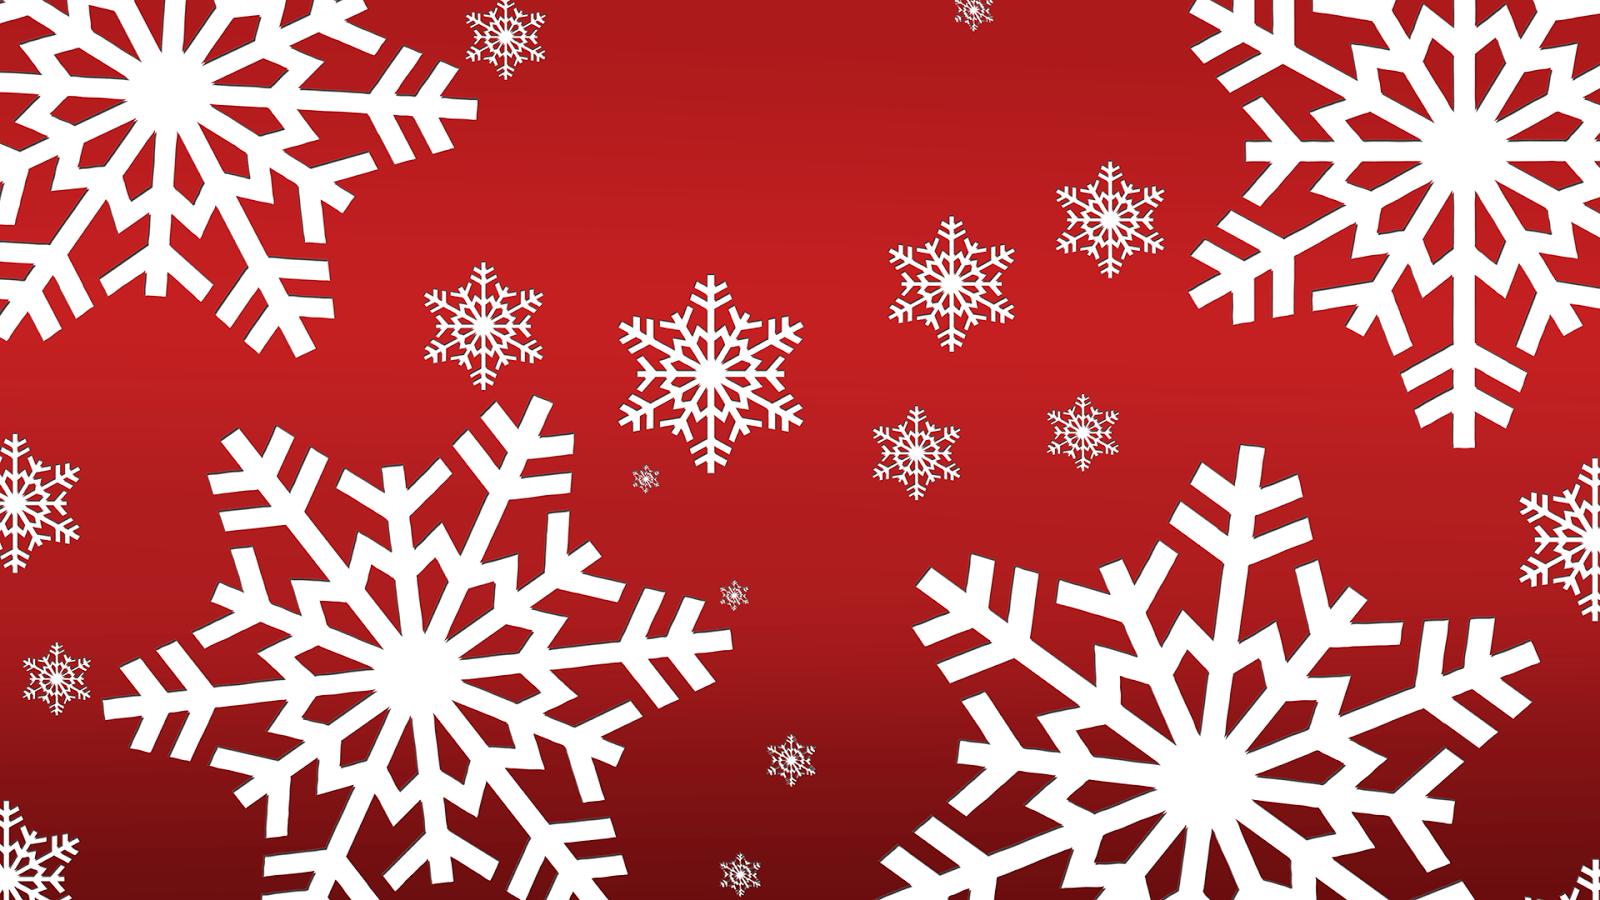 Pikbest ha trovato 282632 grandi scena di natale sfondi immagini per uso personale commerciale. 03sfondi Desktop Natalizi Sfondi Natale Desktop Sfondi Natalizi Animati Sfondi Di Natale Calendario 2015 Sfondi Hd Sfondi Bambini Natale Banno Natale